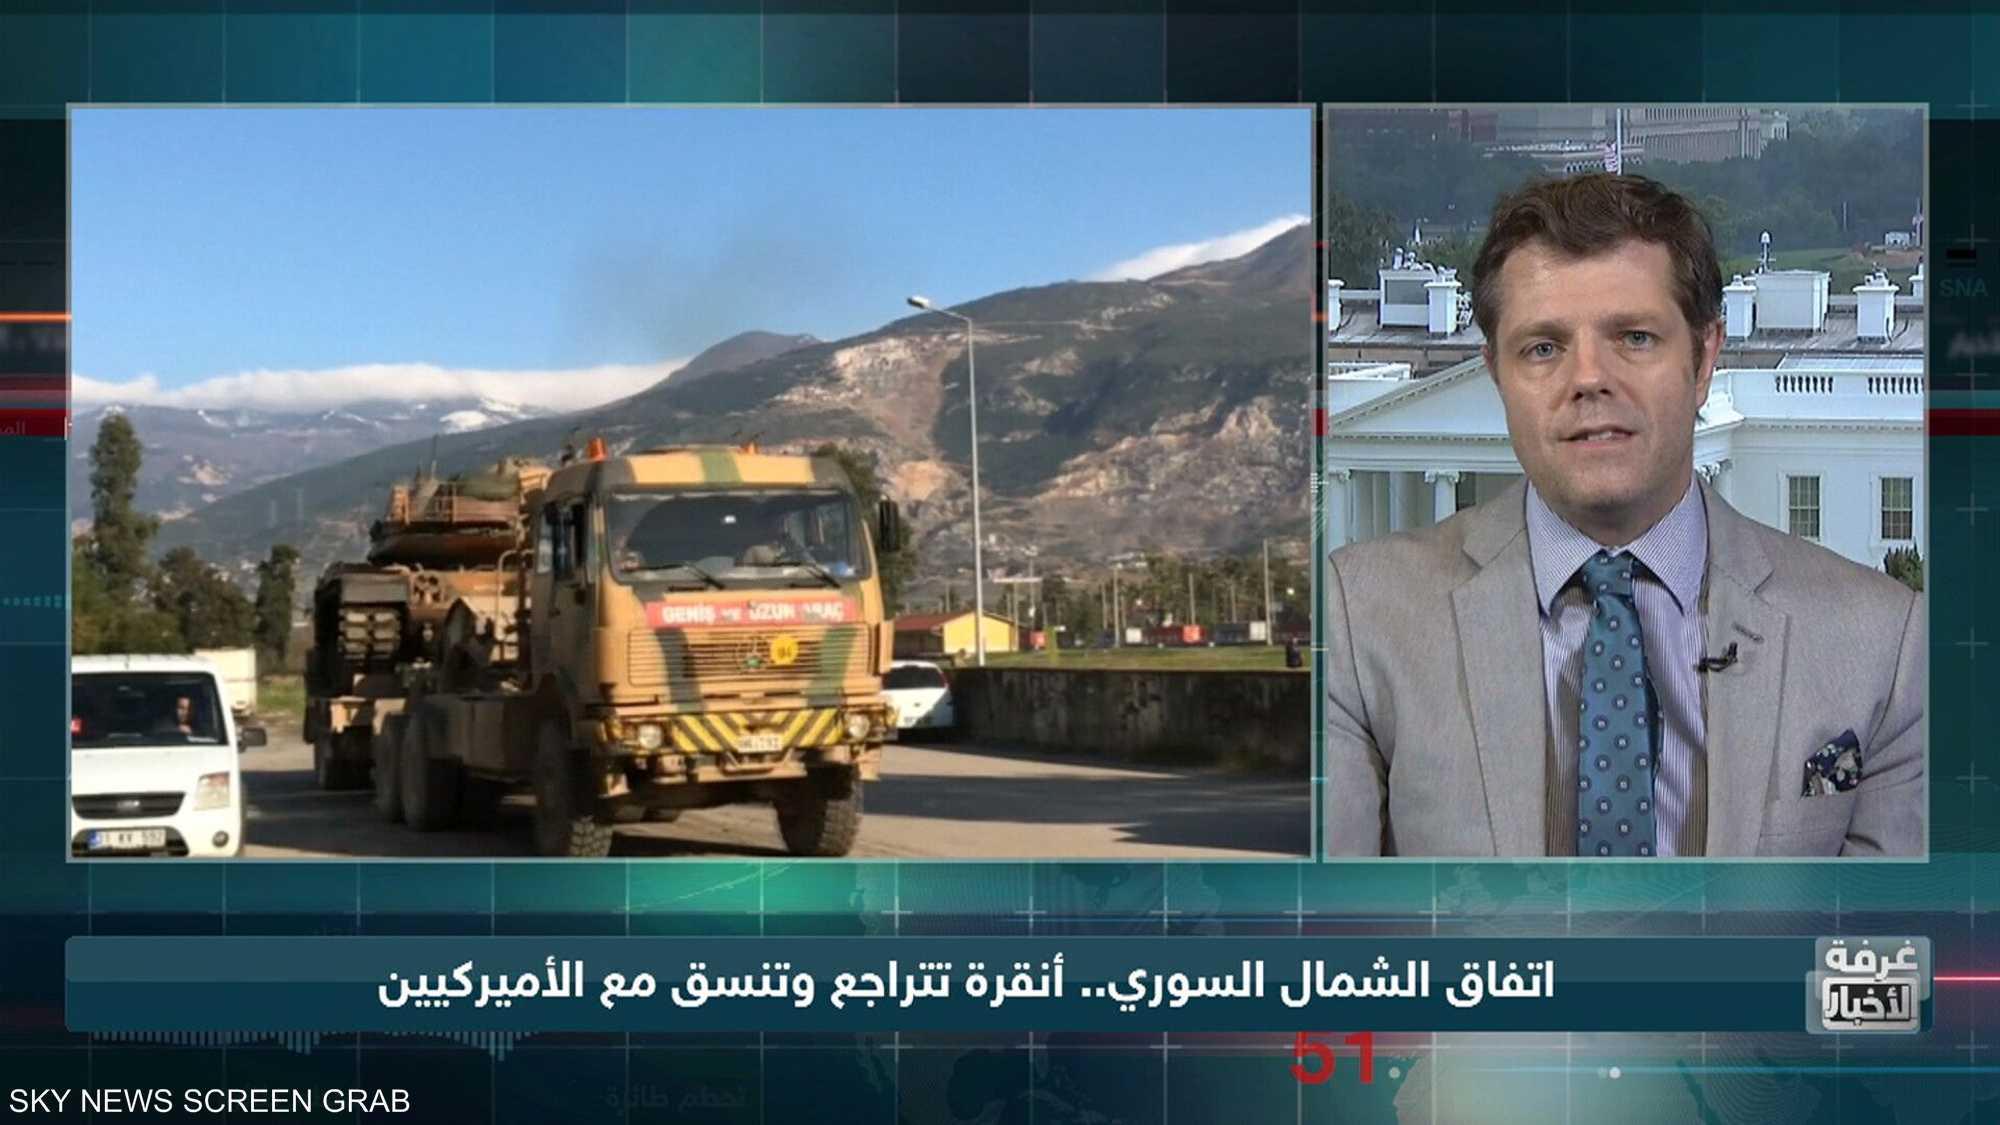 اتفاق الشمال السوري.. أنقرة تتراجع وتنسق مع الأميركيين